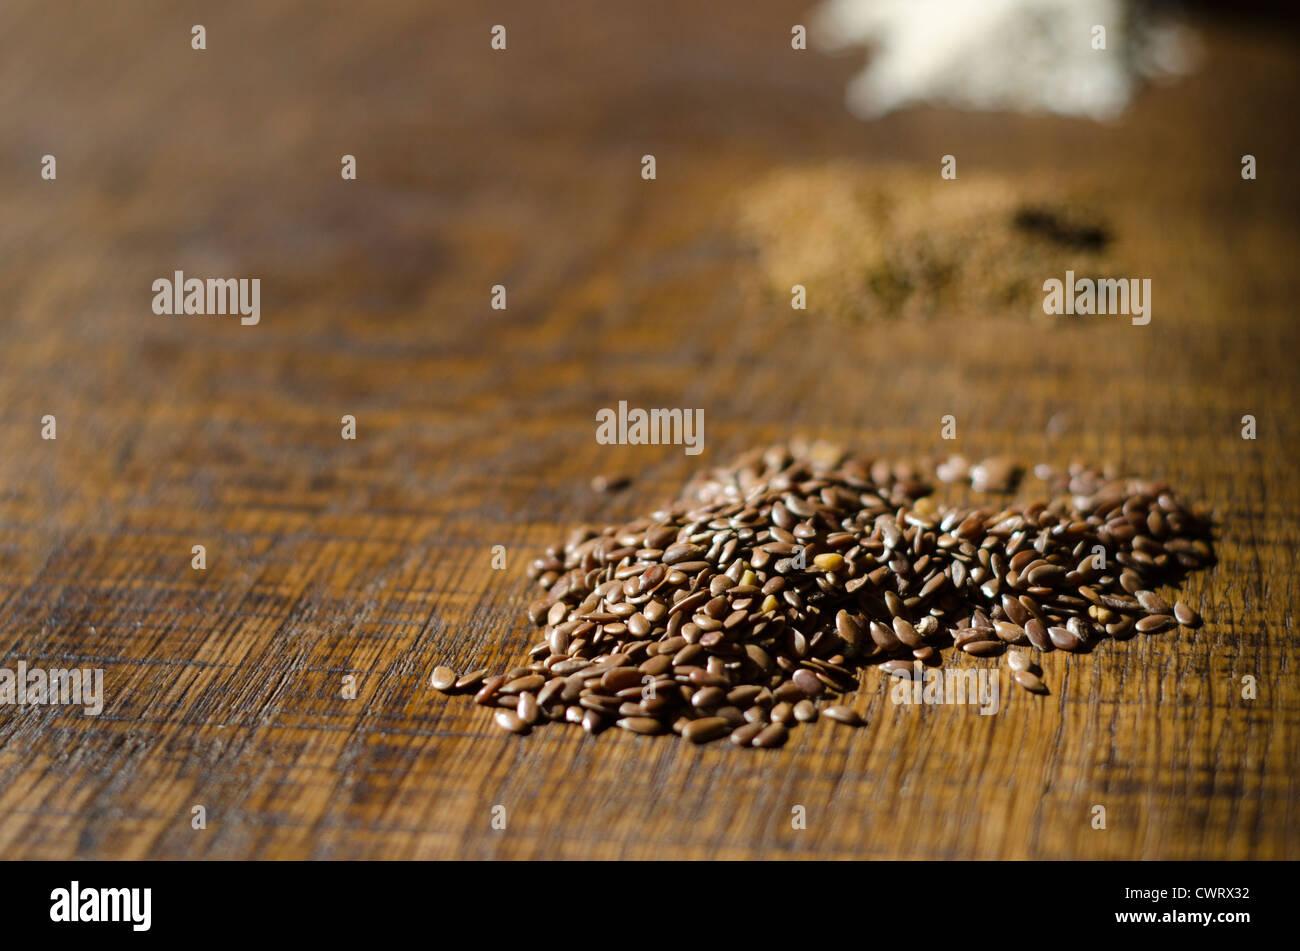 Close-up de graines de lin sur une surface en bois de chêne Photo Stock